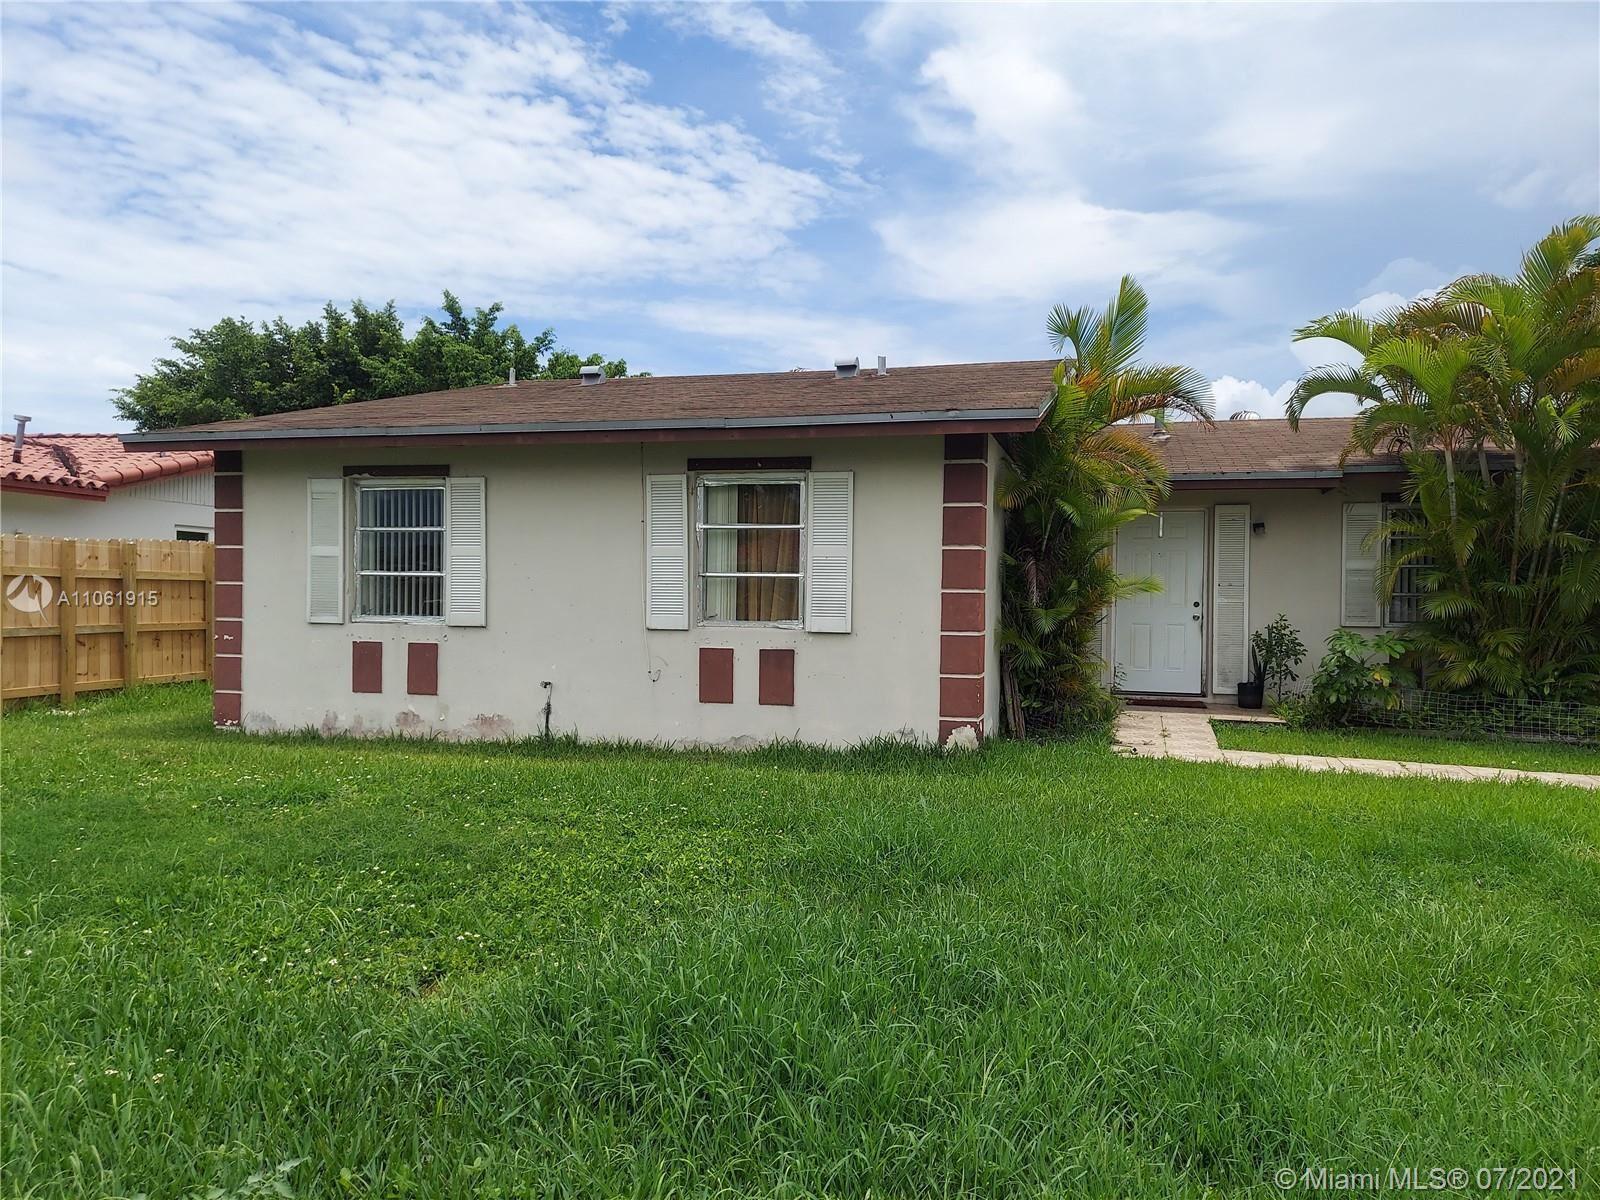 13390 SW 78th St, Miami, FL 33183 - #: A11061915